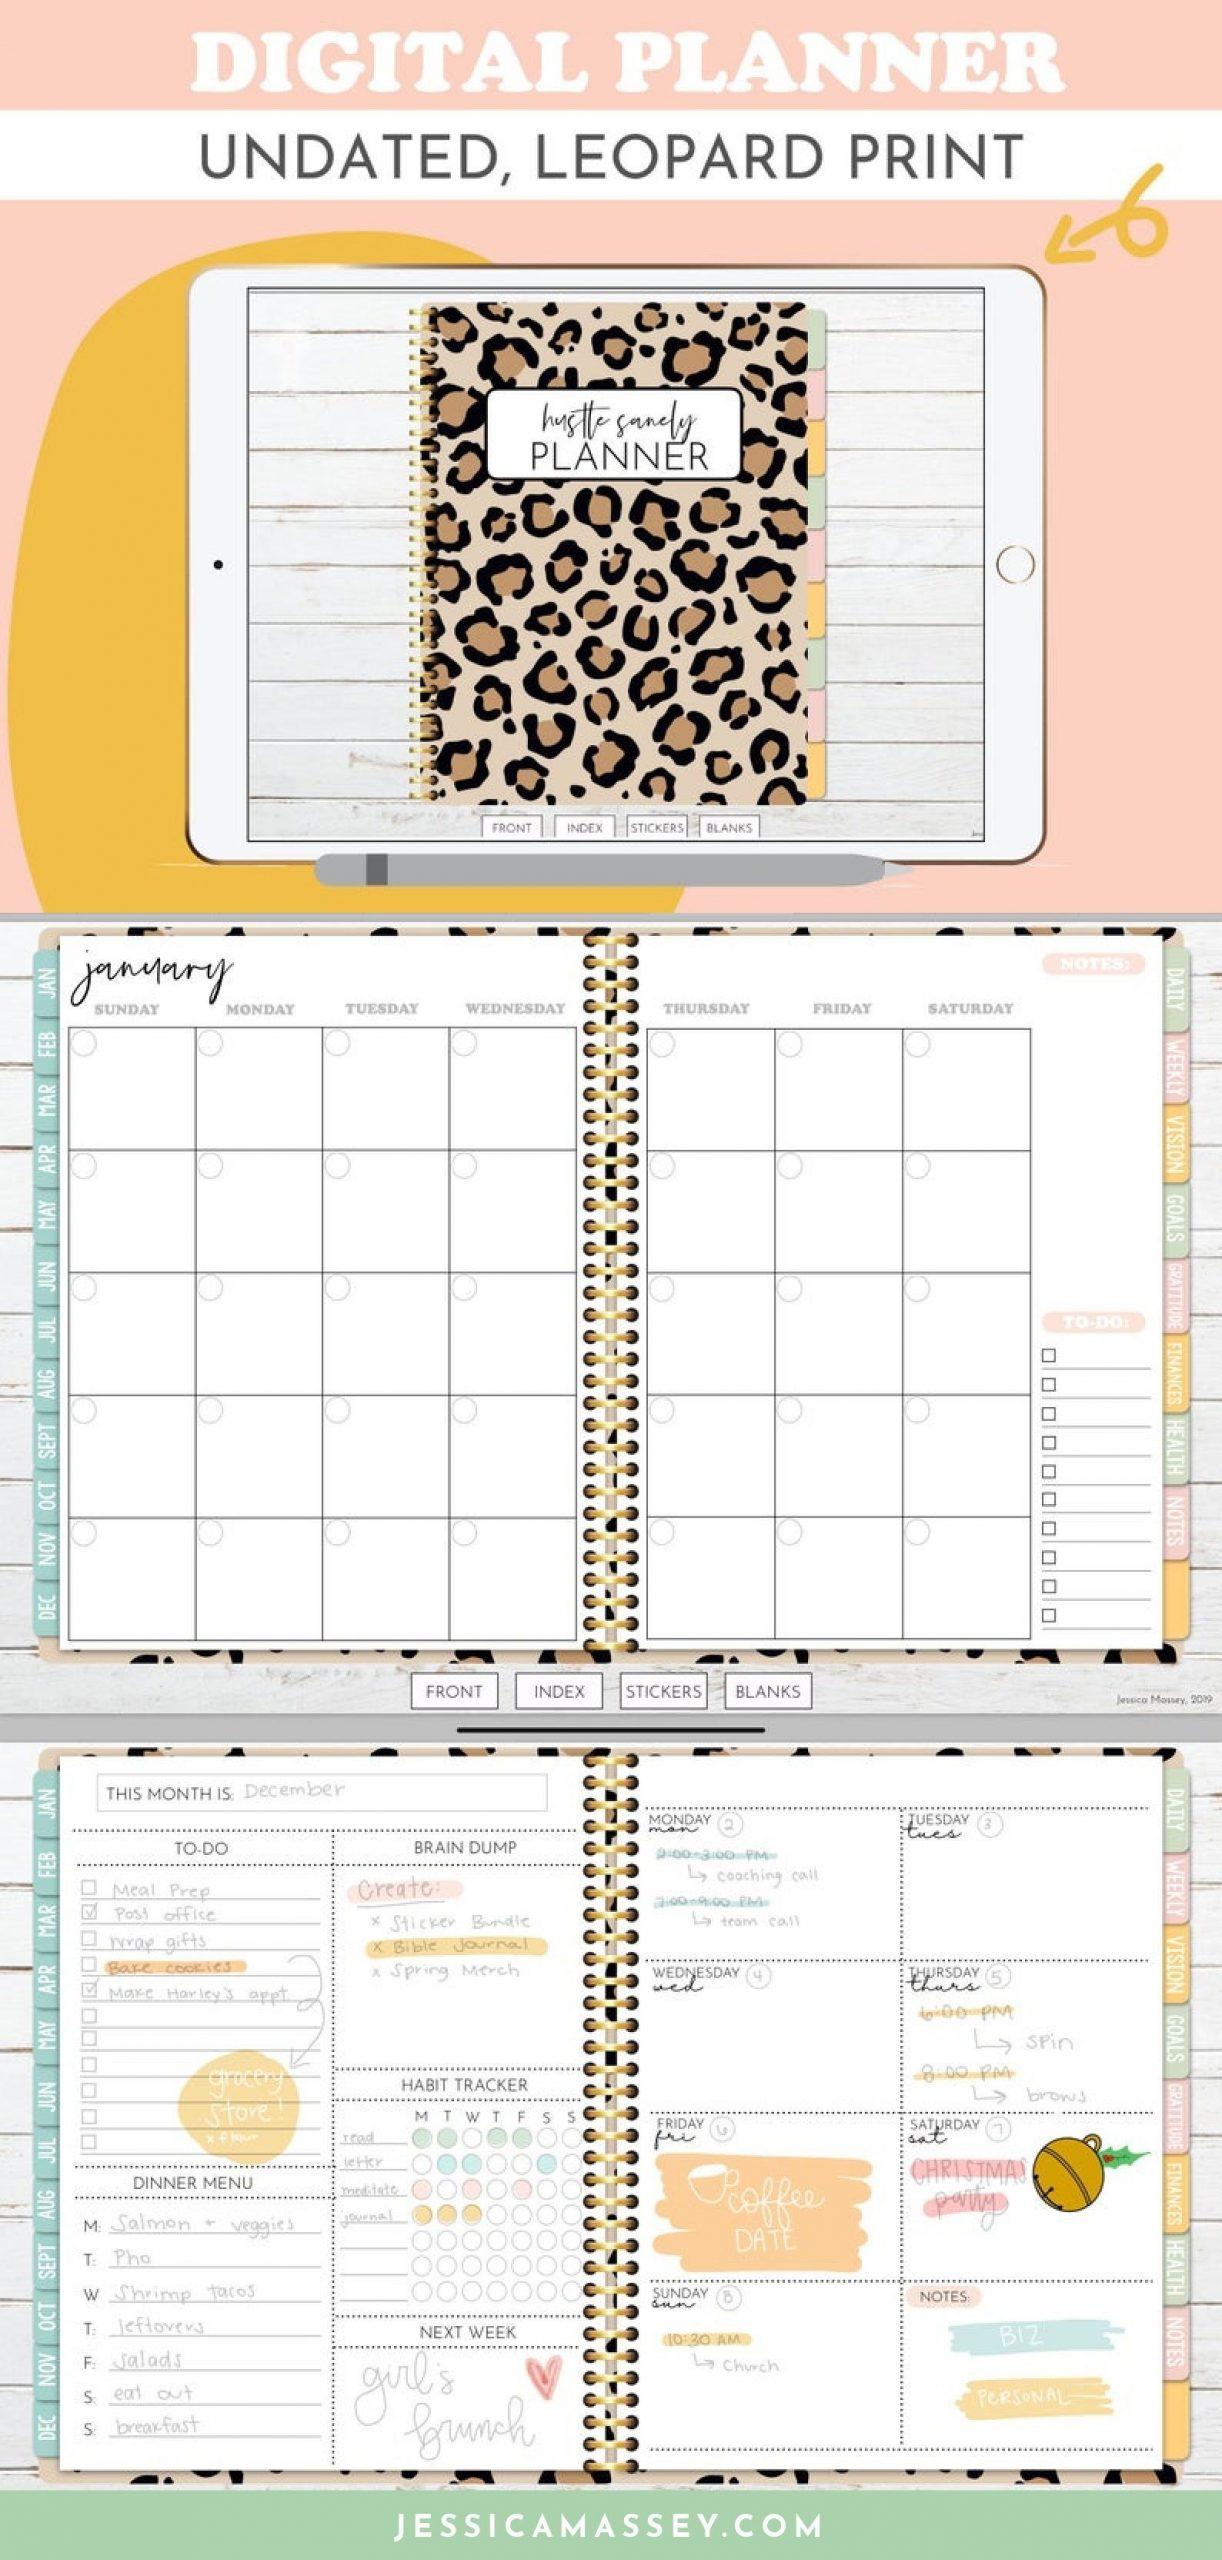 Leopard Print Undated Digital Planner | Hustle Sanely